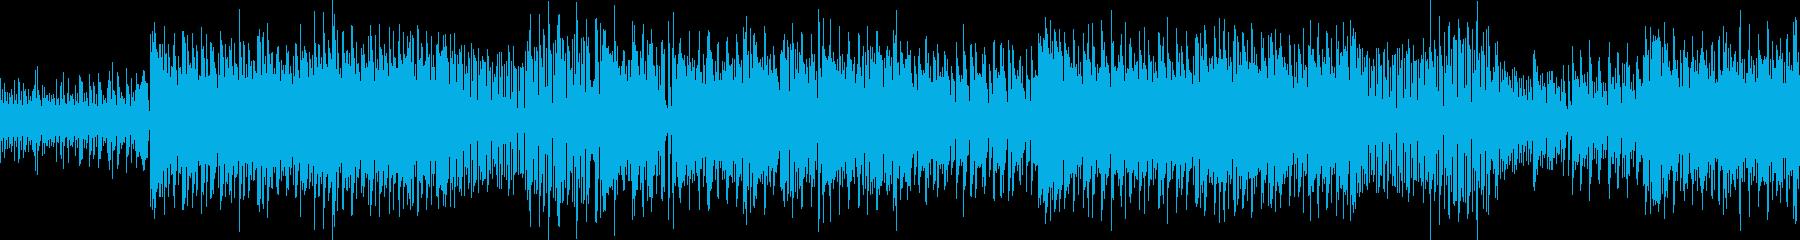 レトロゲームをイメージ EDM風 ループの再生済みの波形